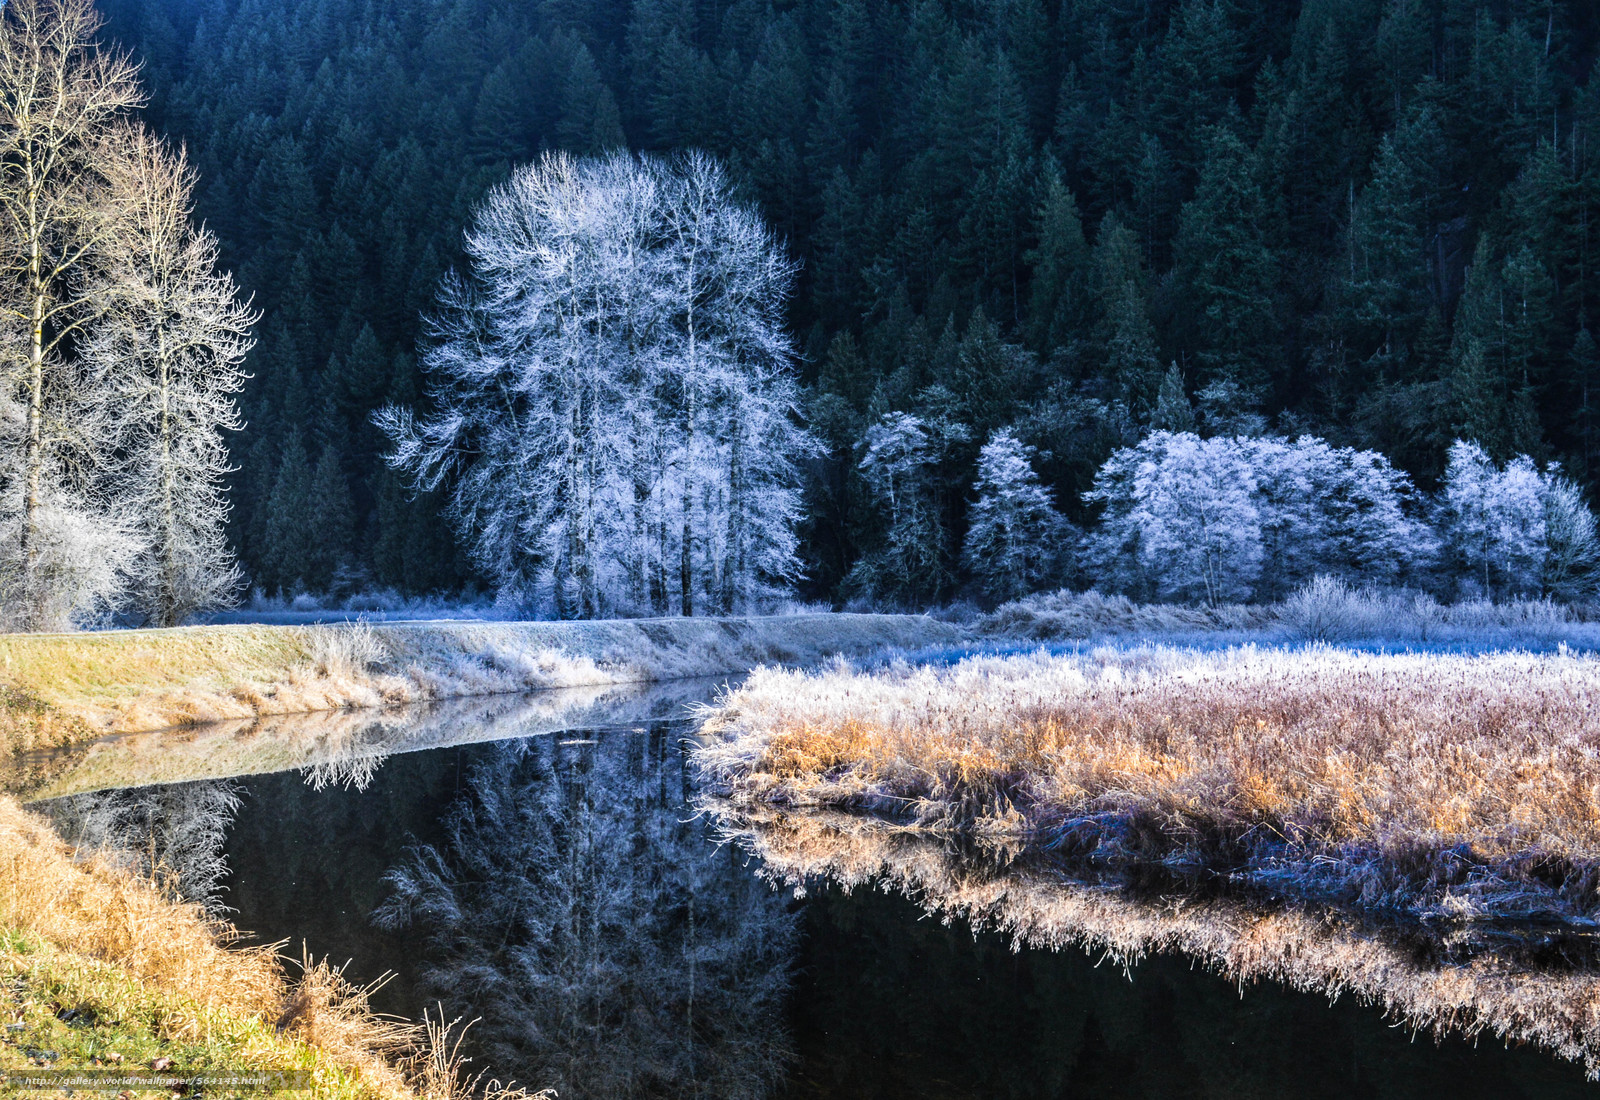 下载壁纸 森林,  河,  树,  霜 免费为您的桌面分辨率的壁纸 4869x3346 — 图片 №564145